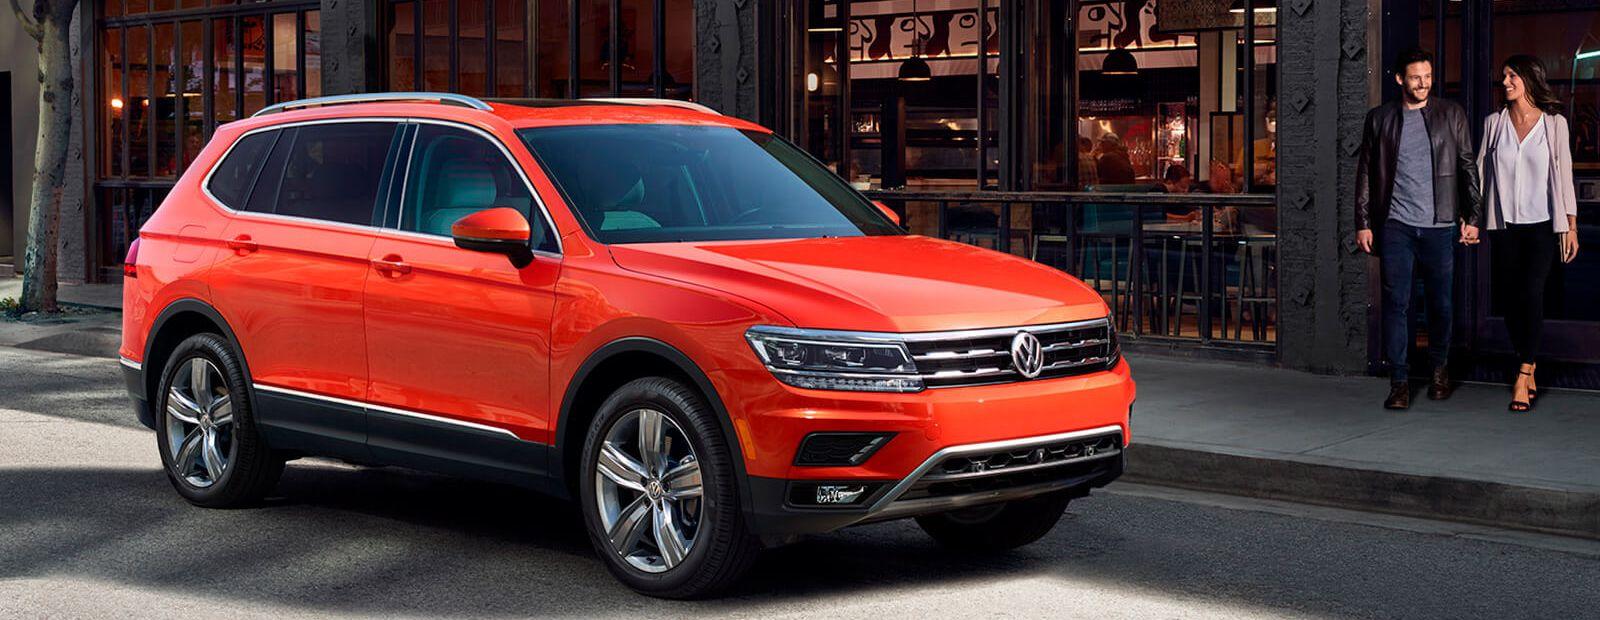 2018 Volkswagen Tiguan Leasing near Clinton, MD